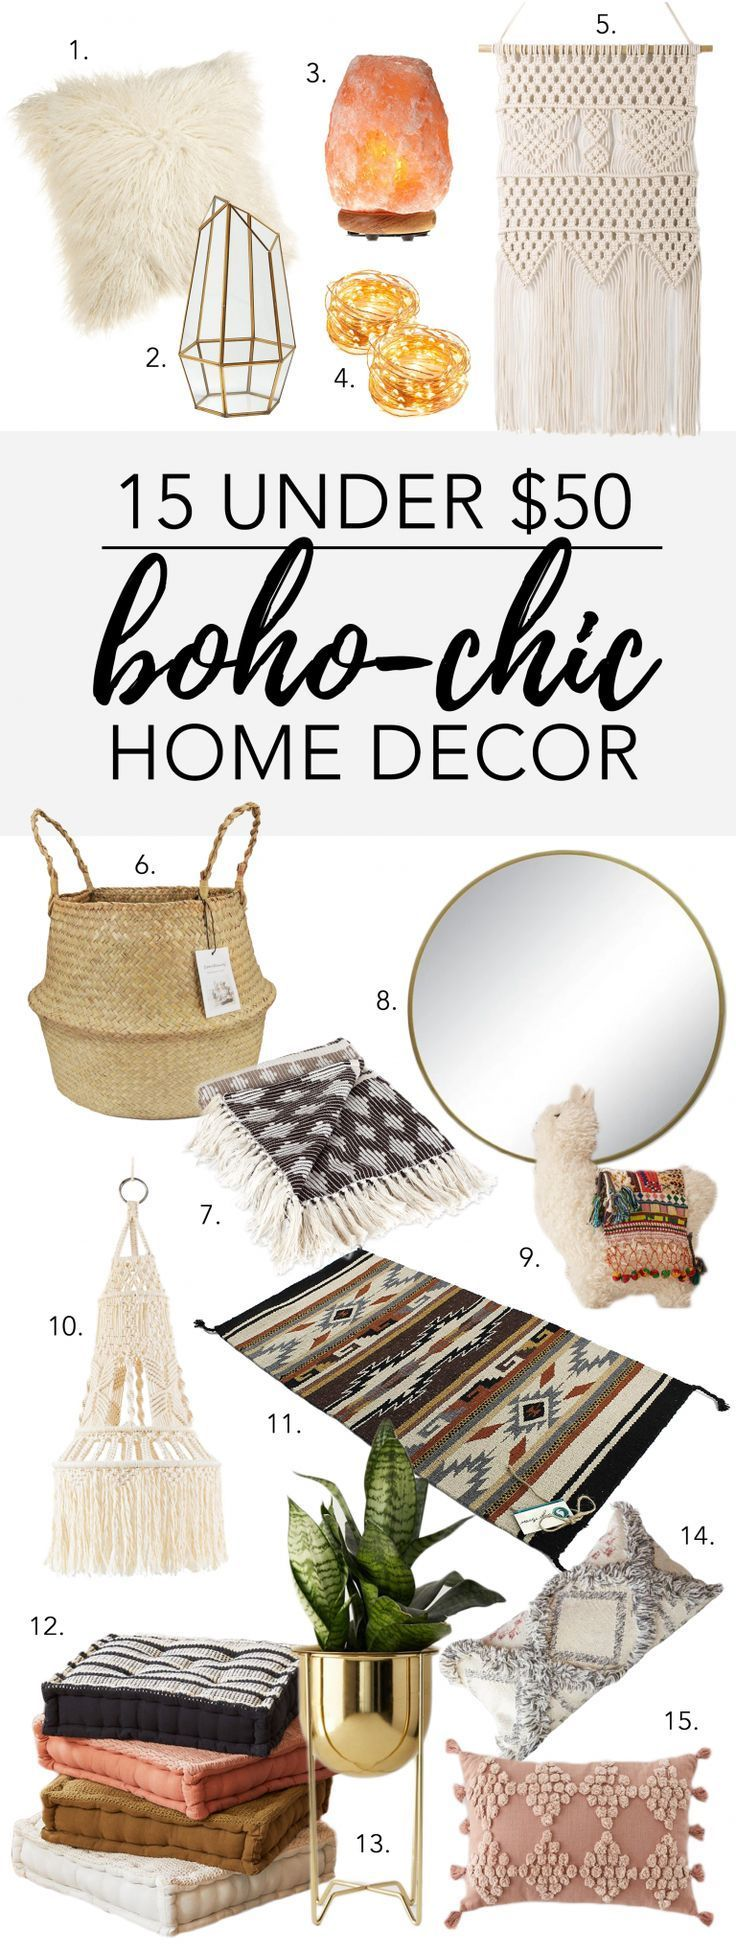 15 UNTER 50 USD: BOHO-CHIC-WOHNDEKOR Boho-Chic-Wohnkultur liegt mit Sicherheit im Trend #bohohomedecor